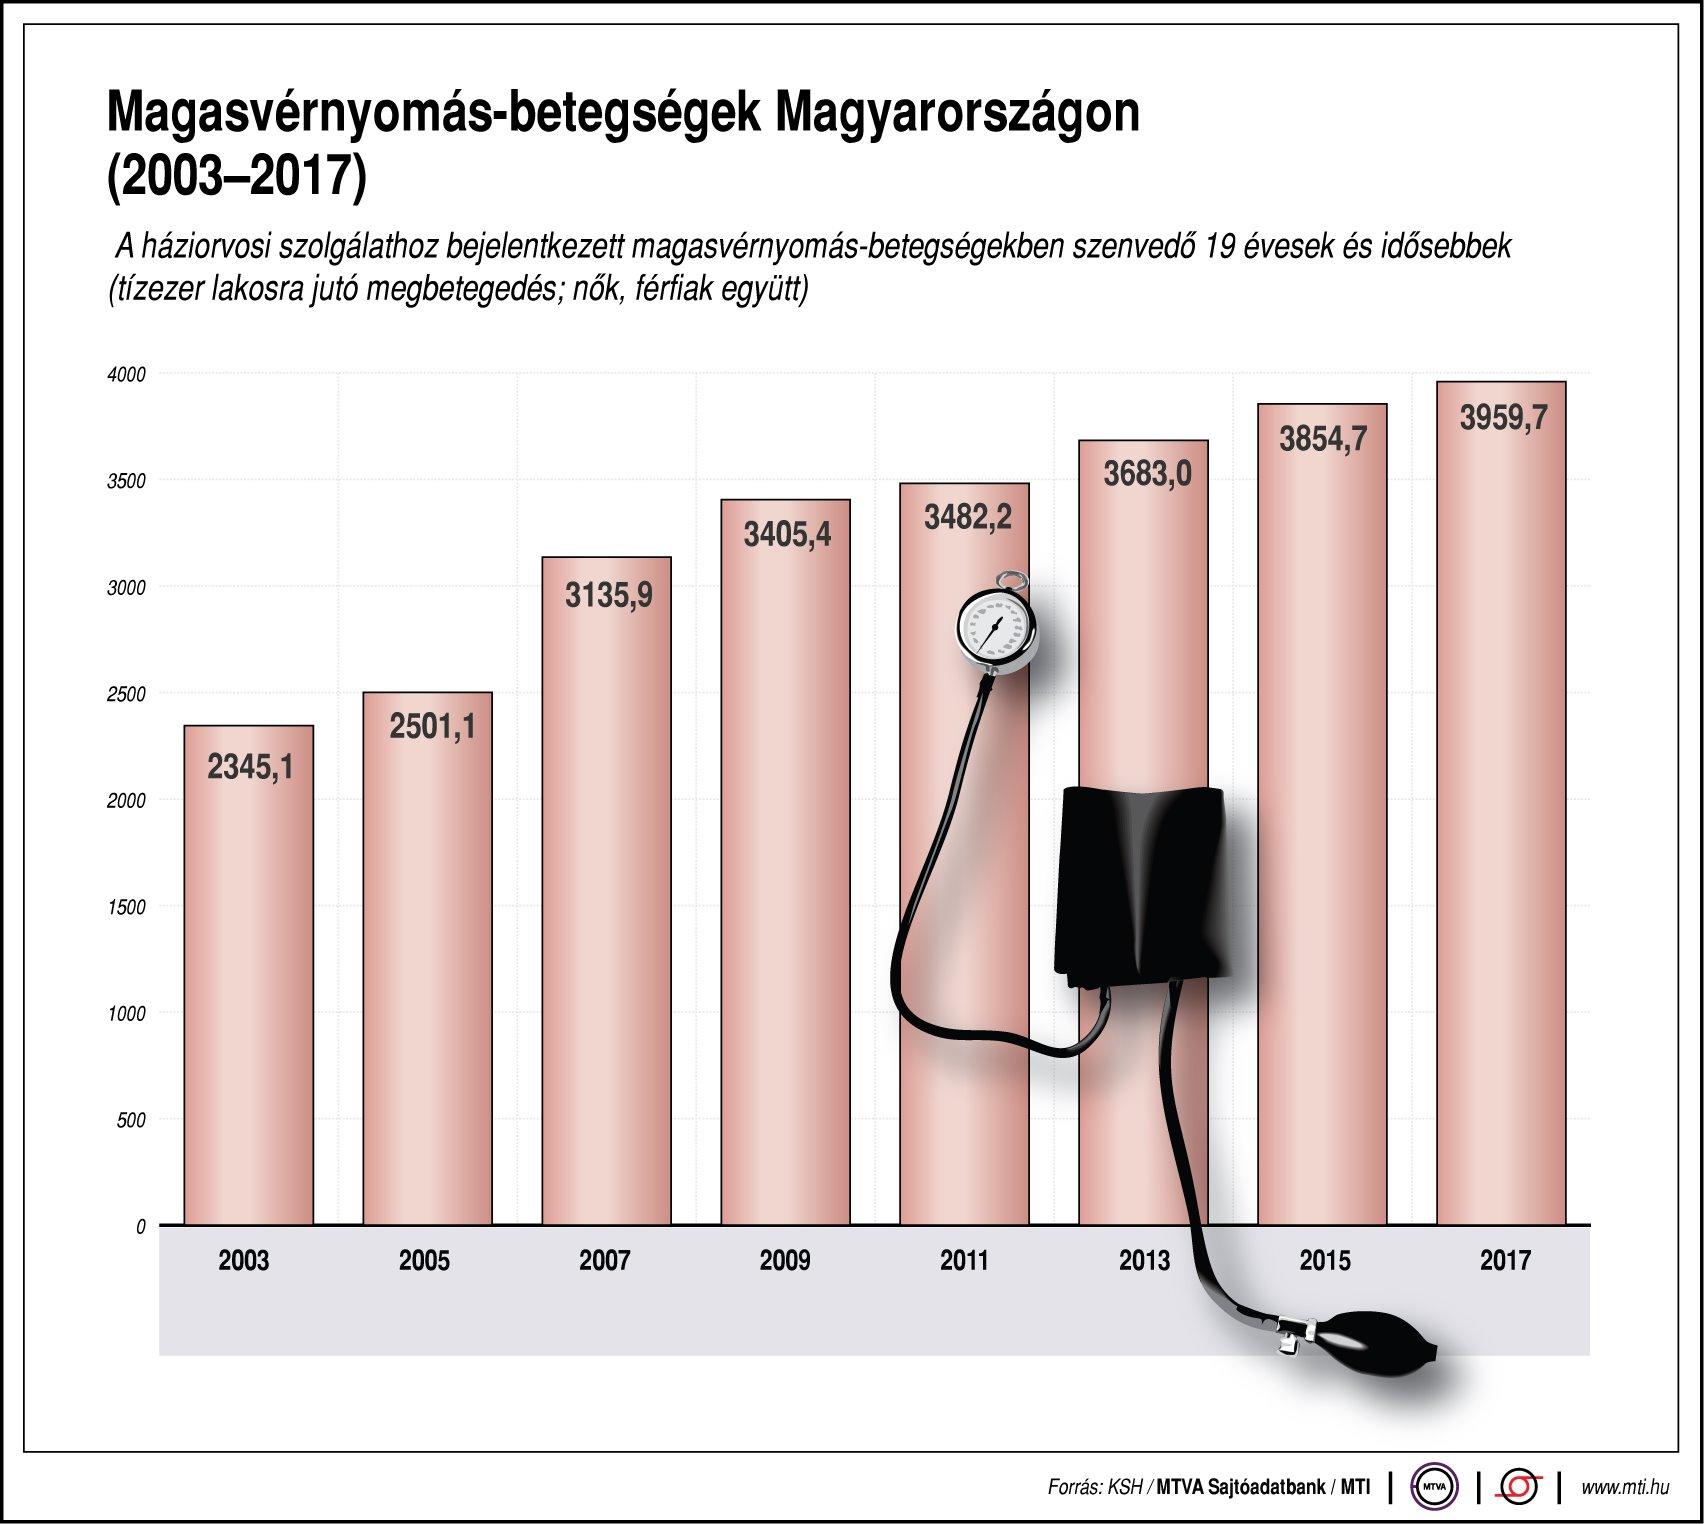 cikk hipertónia megelőzése miből lehet a magas vérnyomás